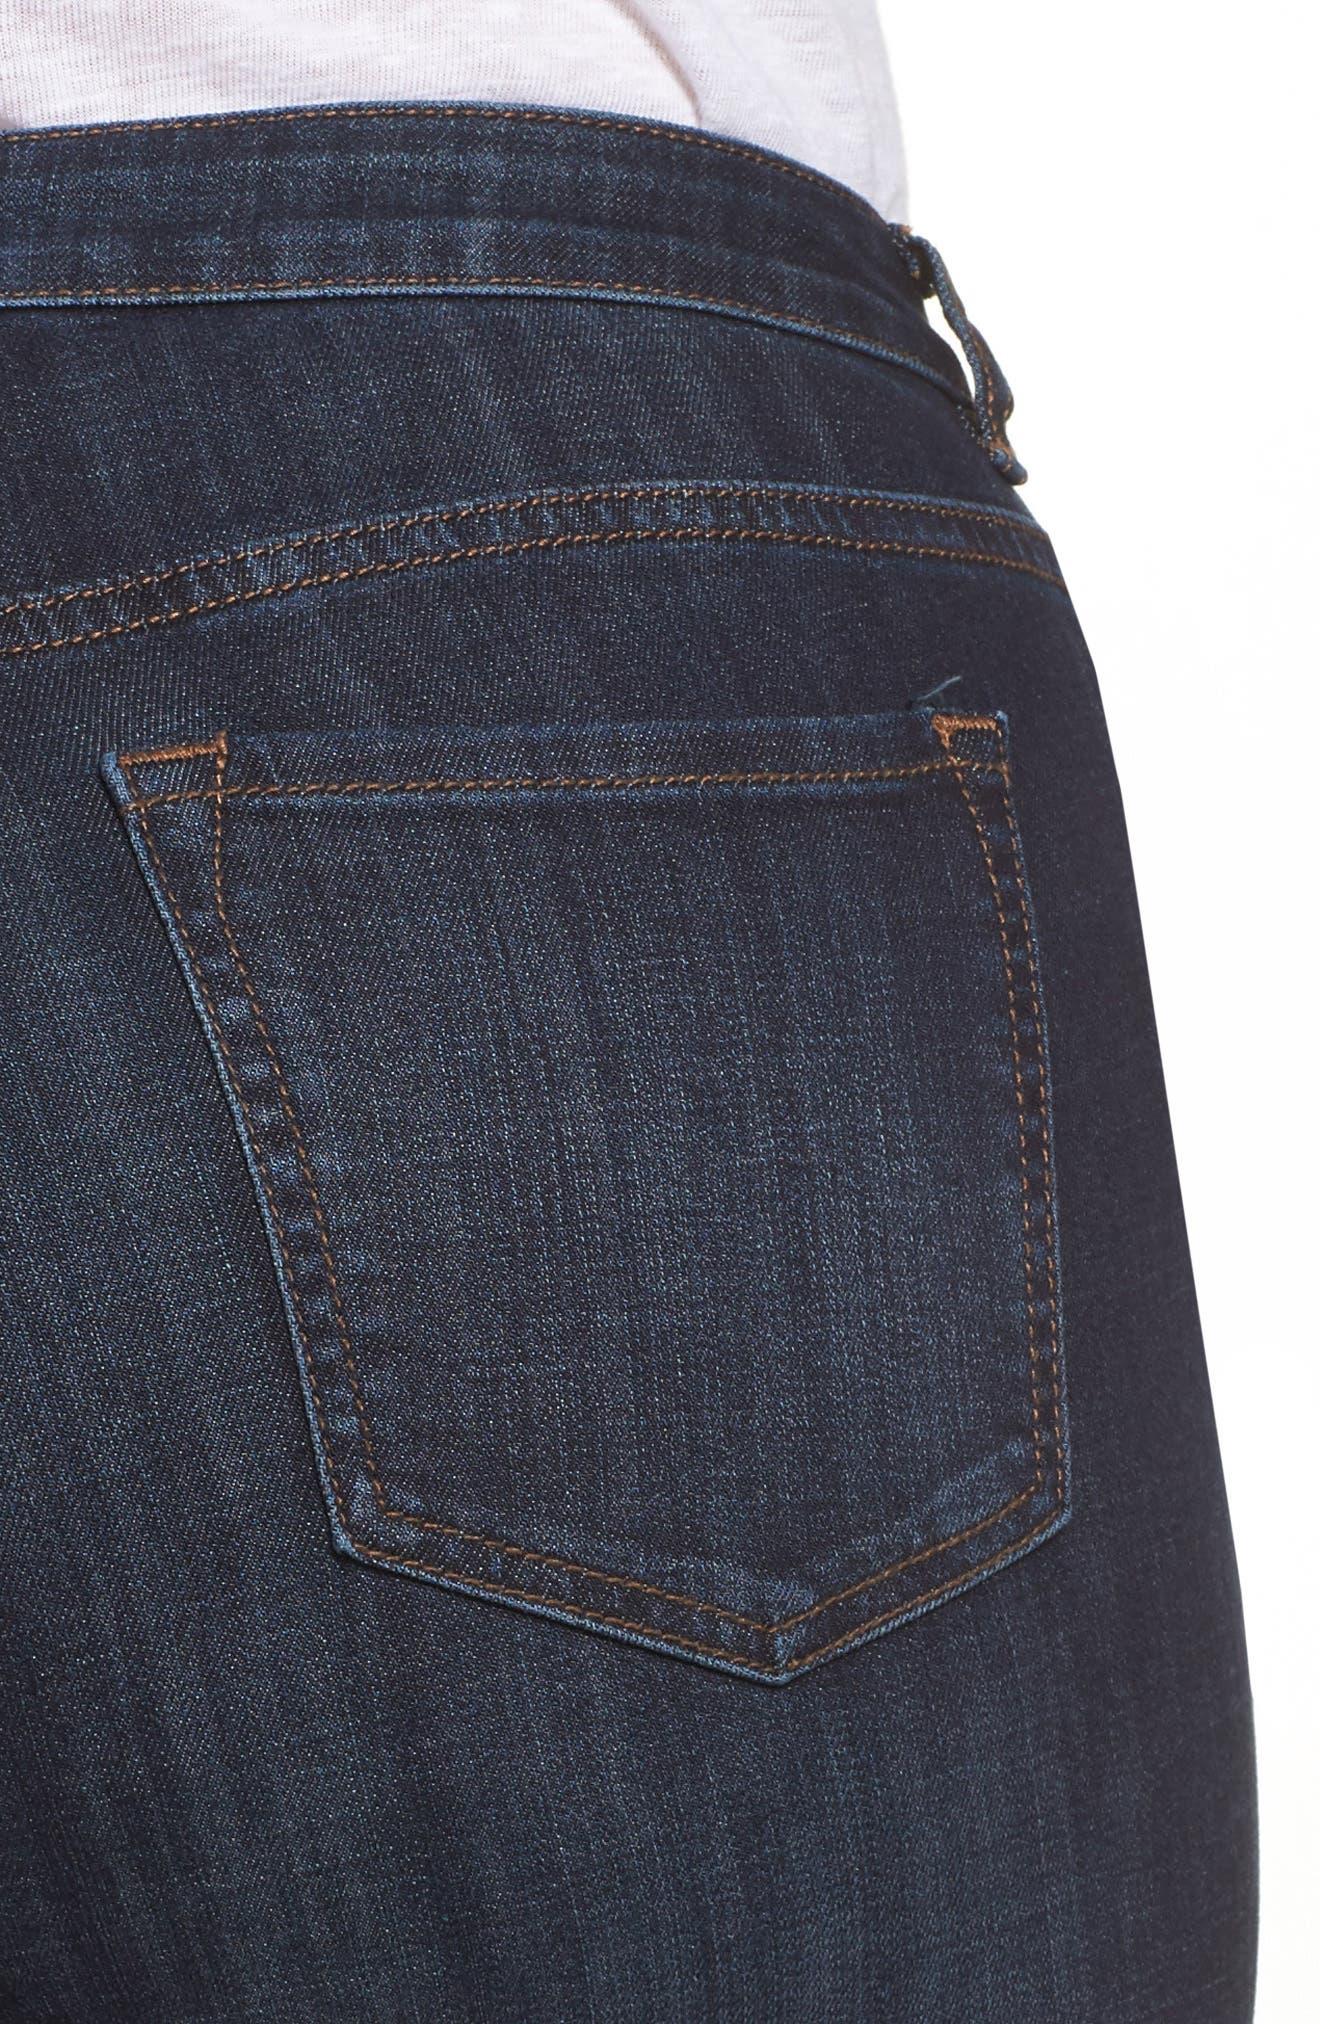 Wide Leg Crop Jeans,                             Alternate thumbnail 7, color,